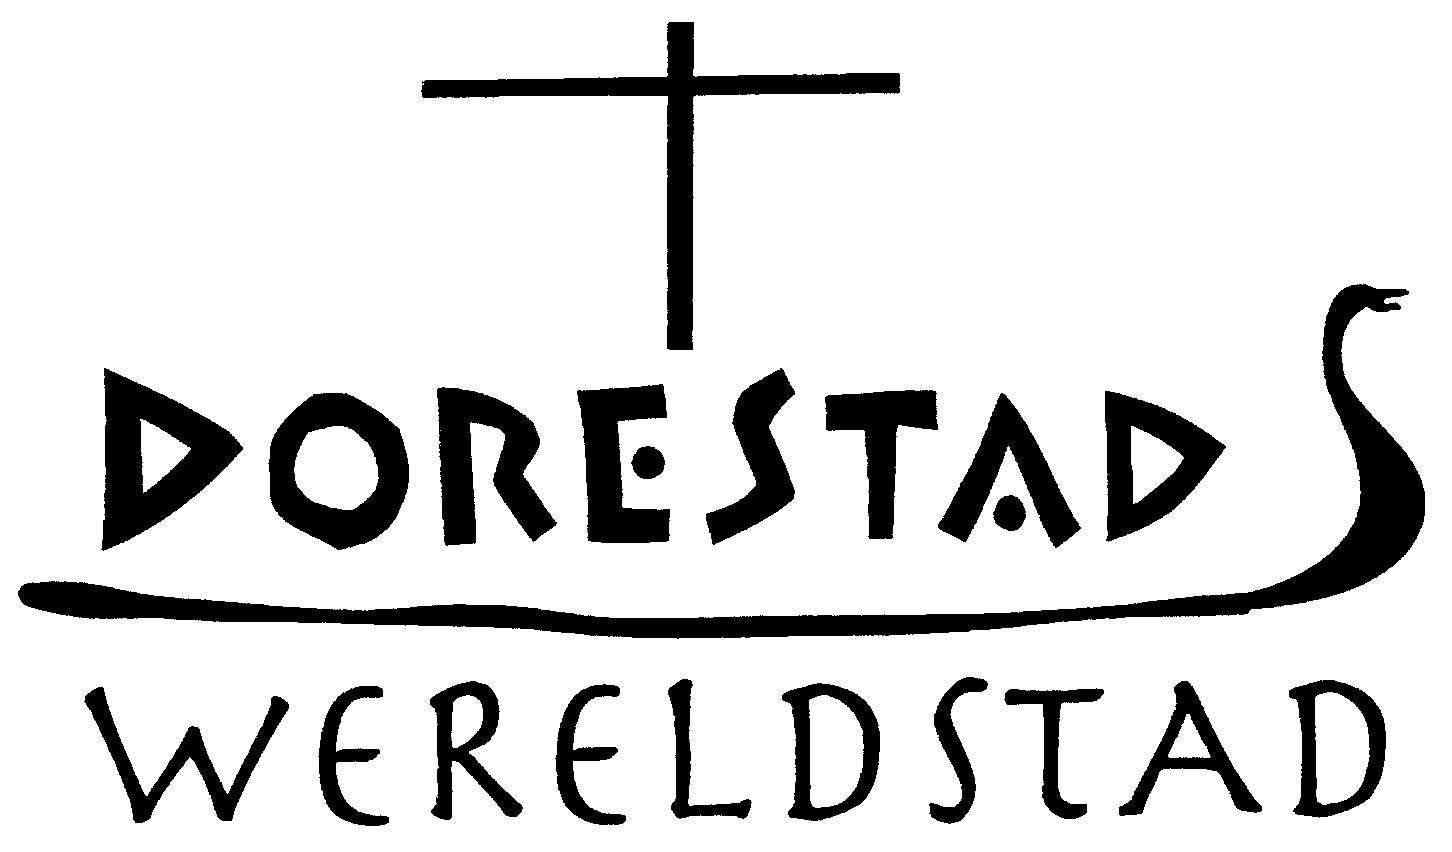 vikingen museum dorestad wereldstad